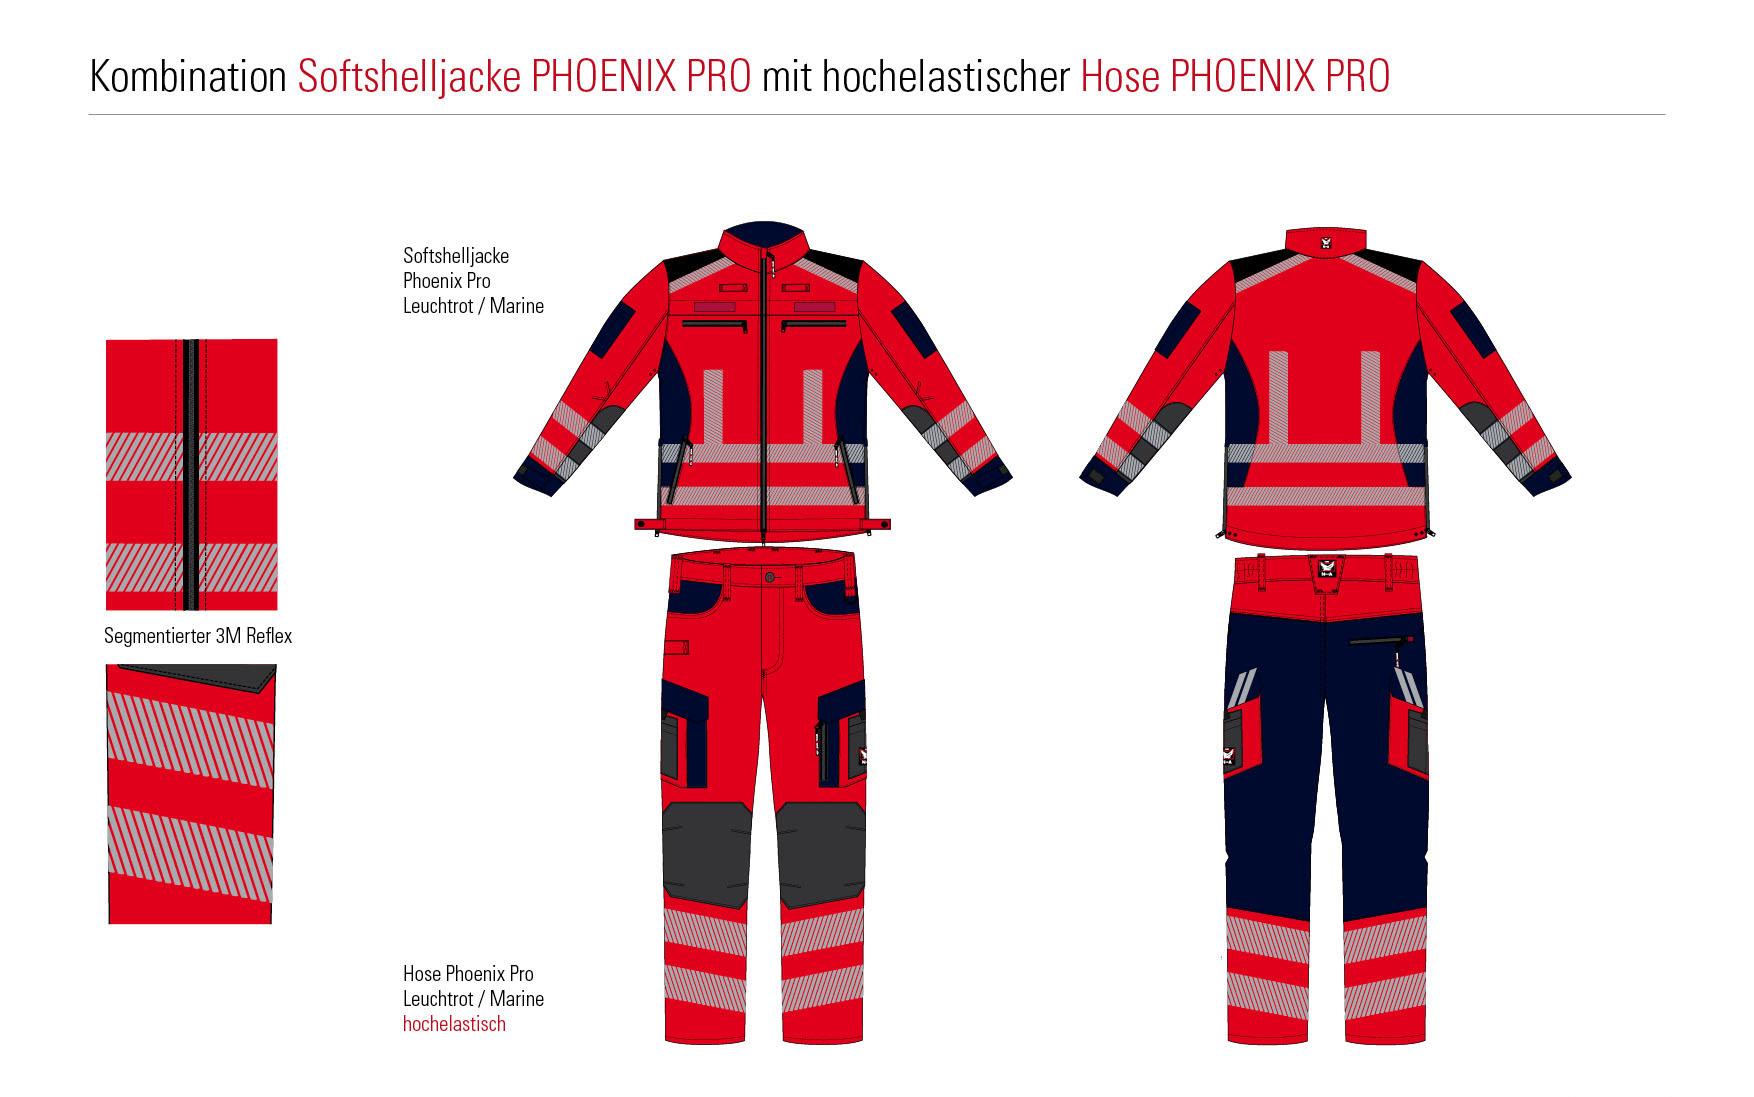 1Kombi-Phoenix-Pro-20213